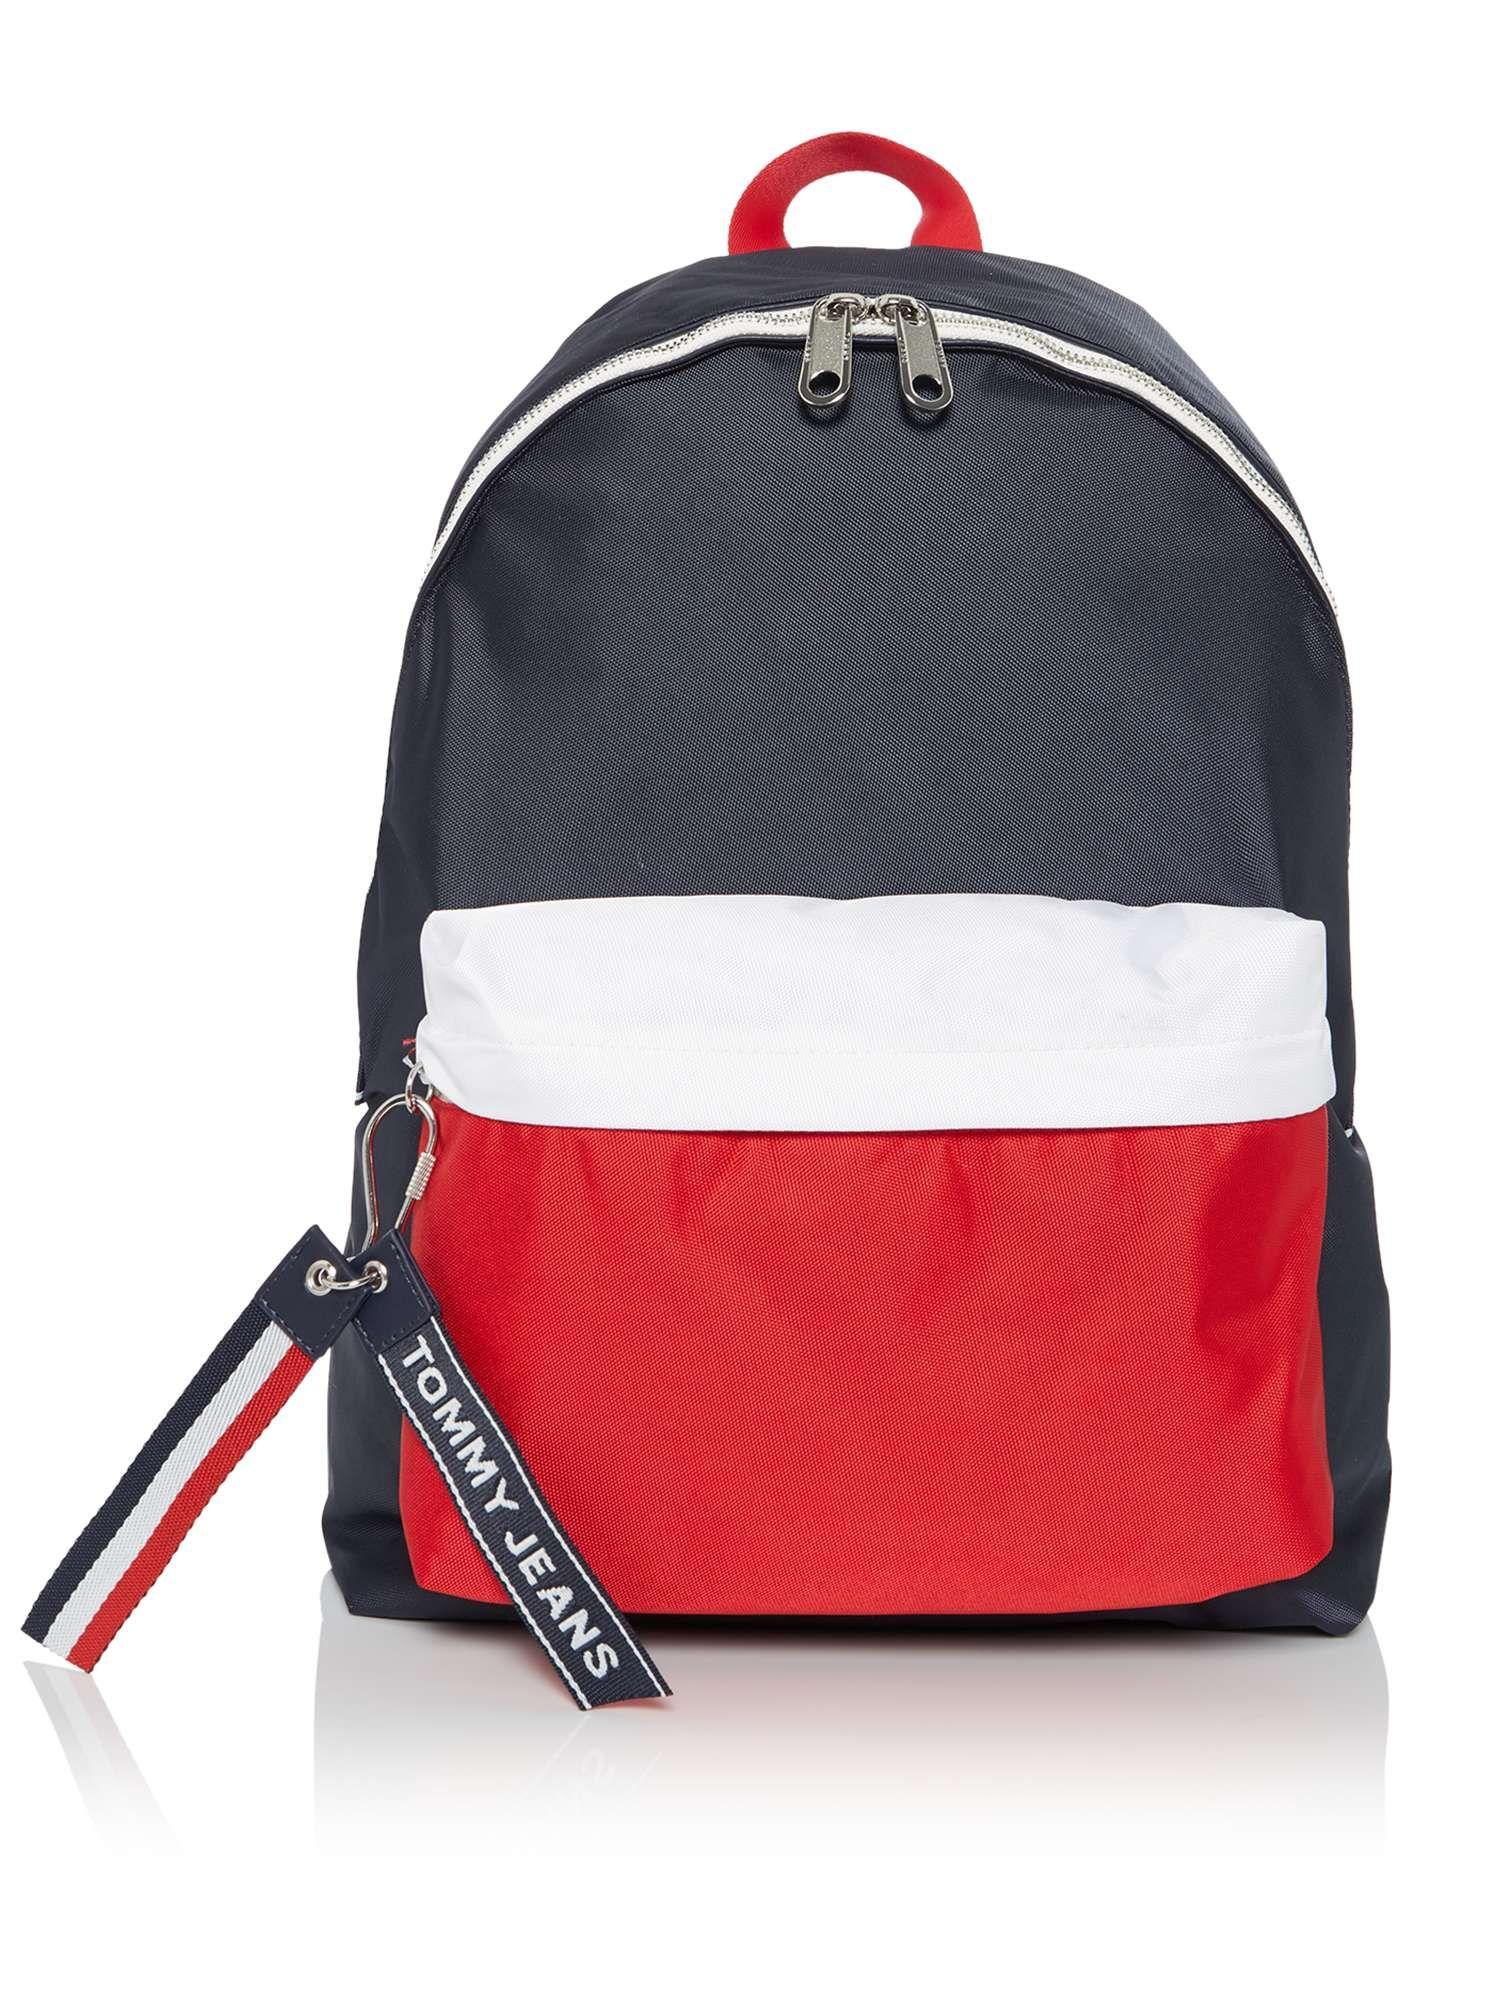 0adad816209c Tommy Hilfiger Tommy Jeans Logo Strap Backpack - House of Fraser ...